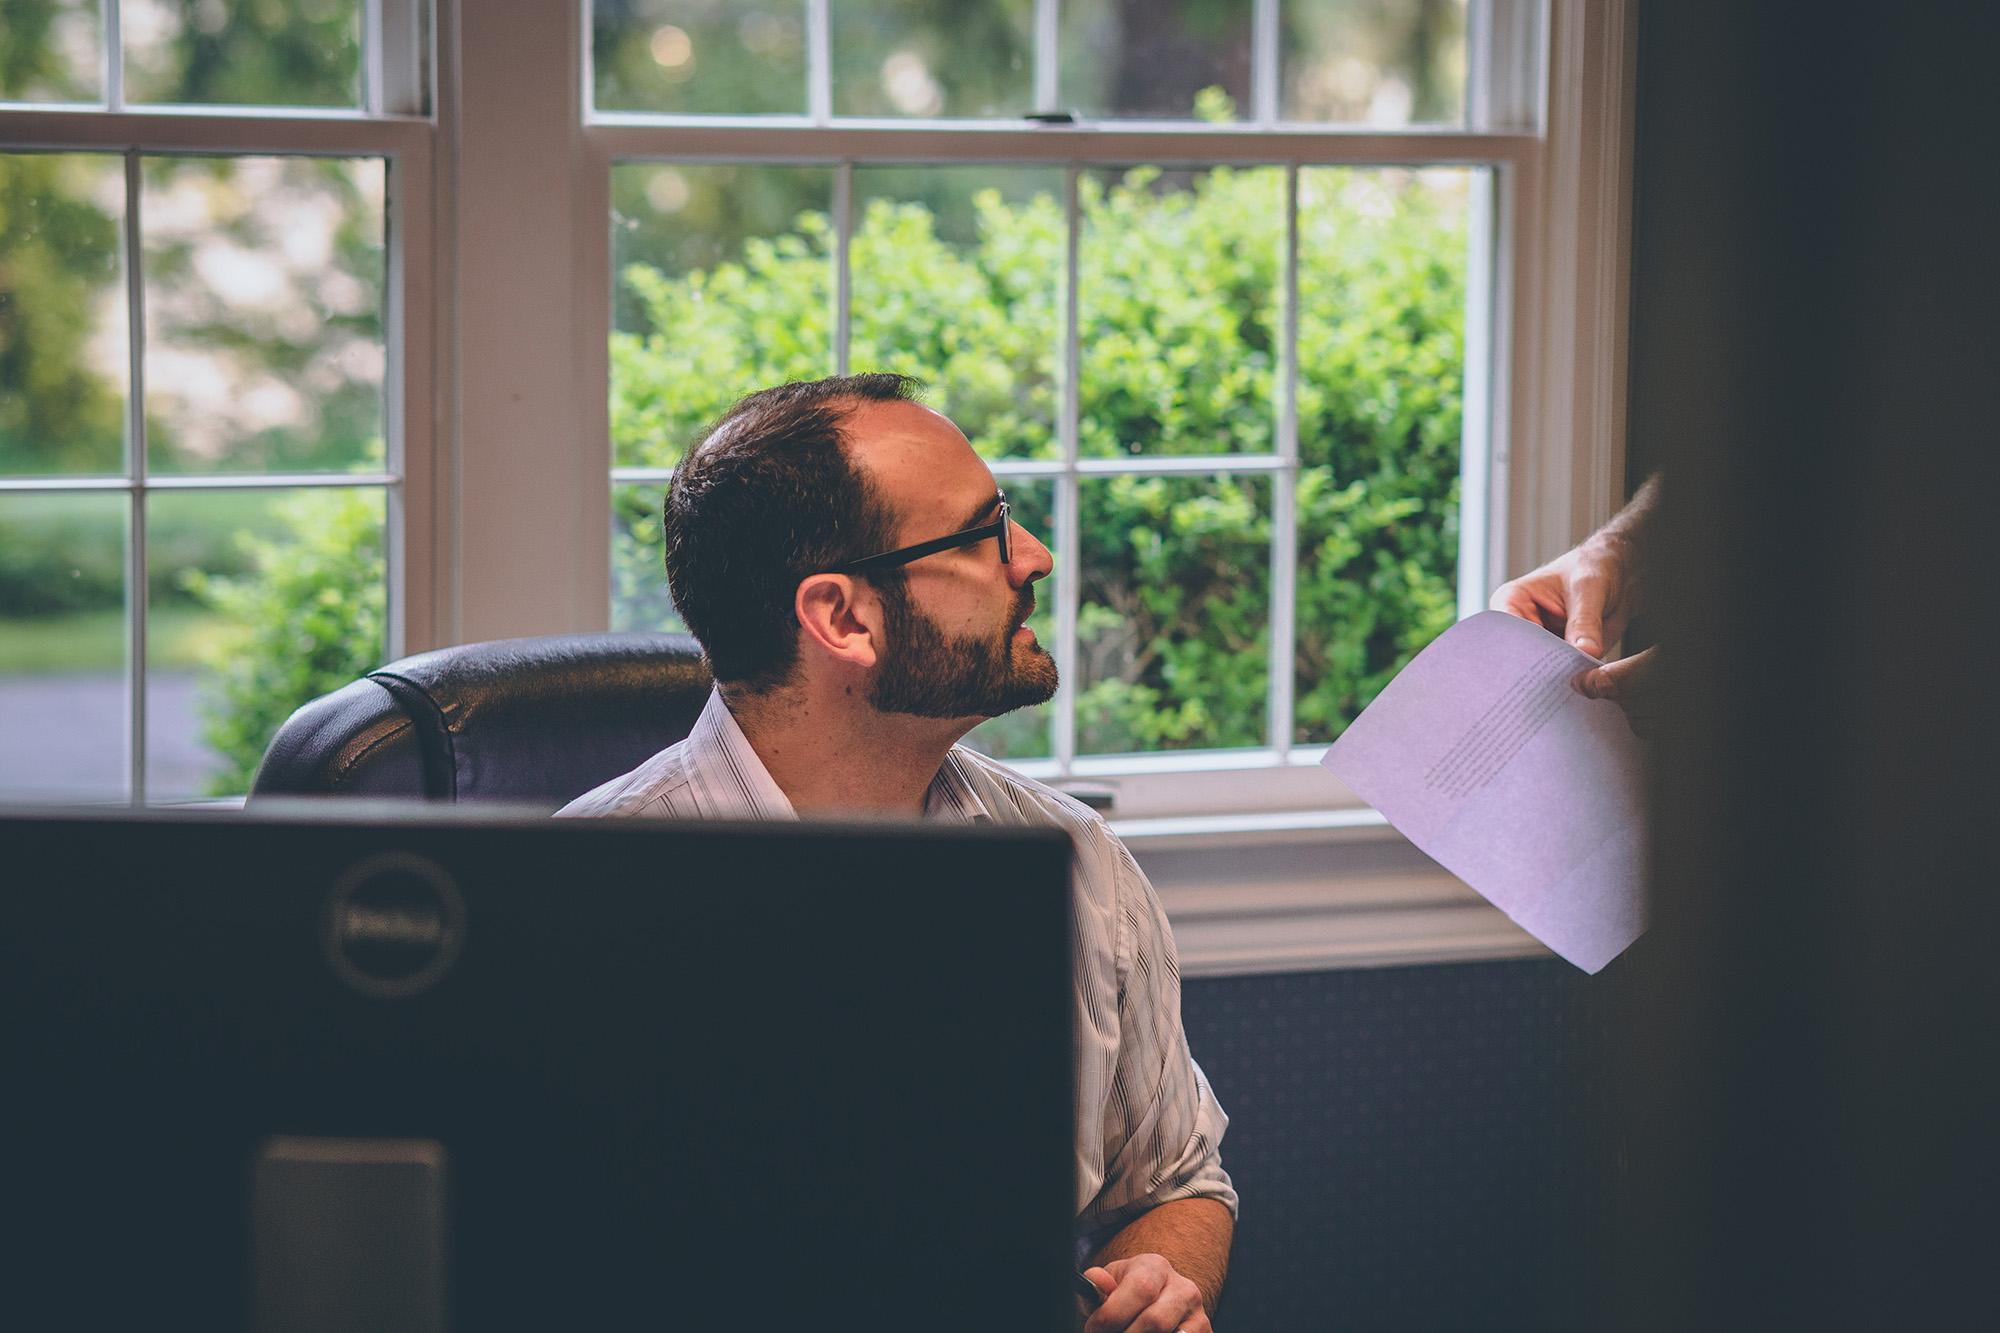 adult-assignment-beard-1548864.jpg